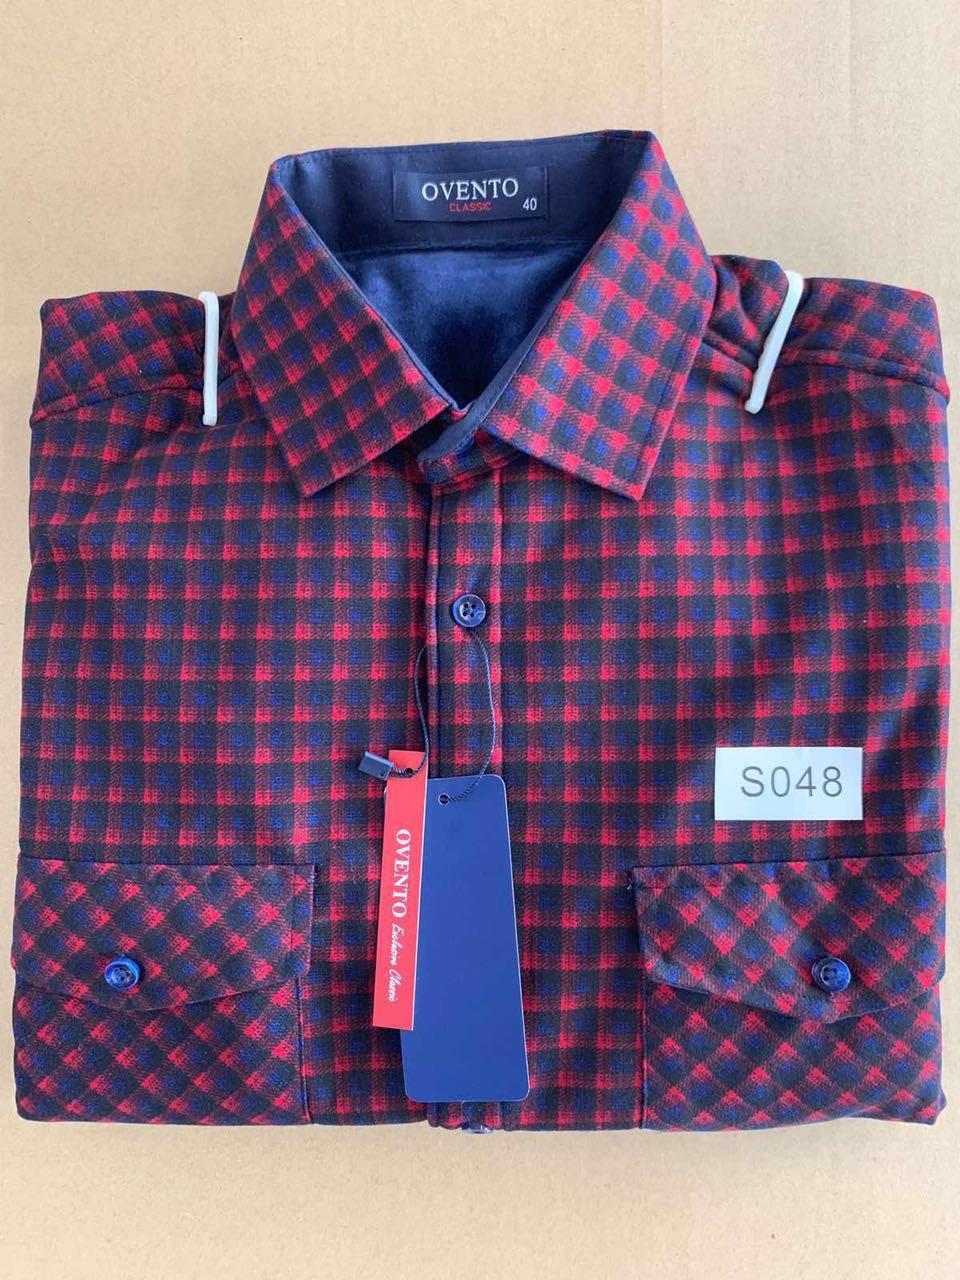 Теплая  рубашка флис Ovento classik  - S048